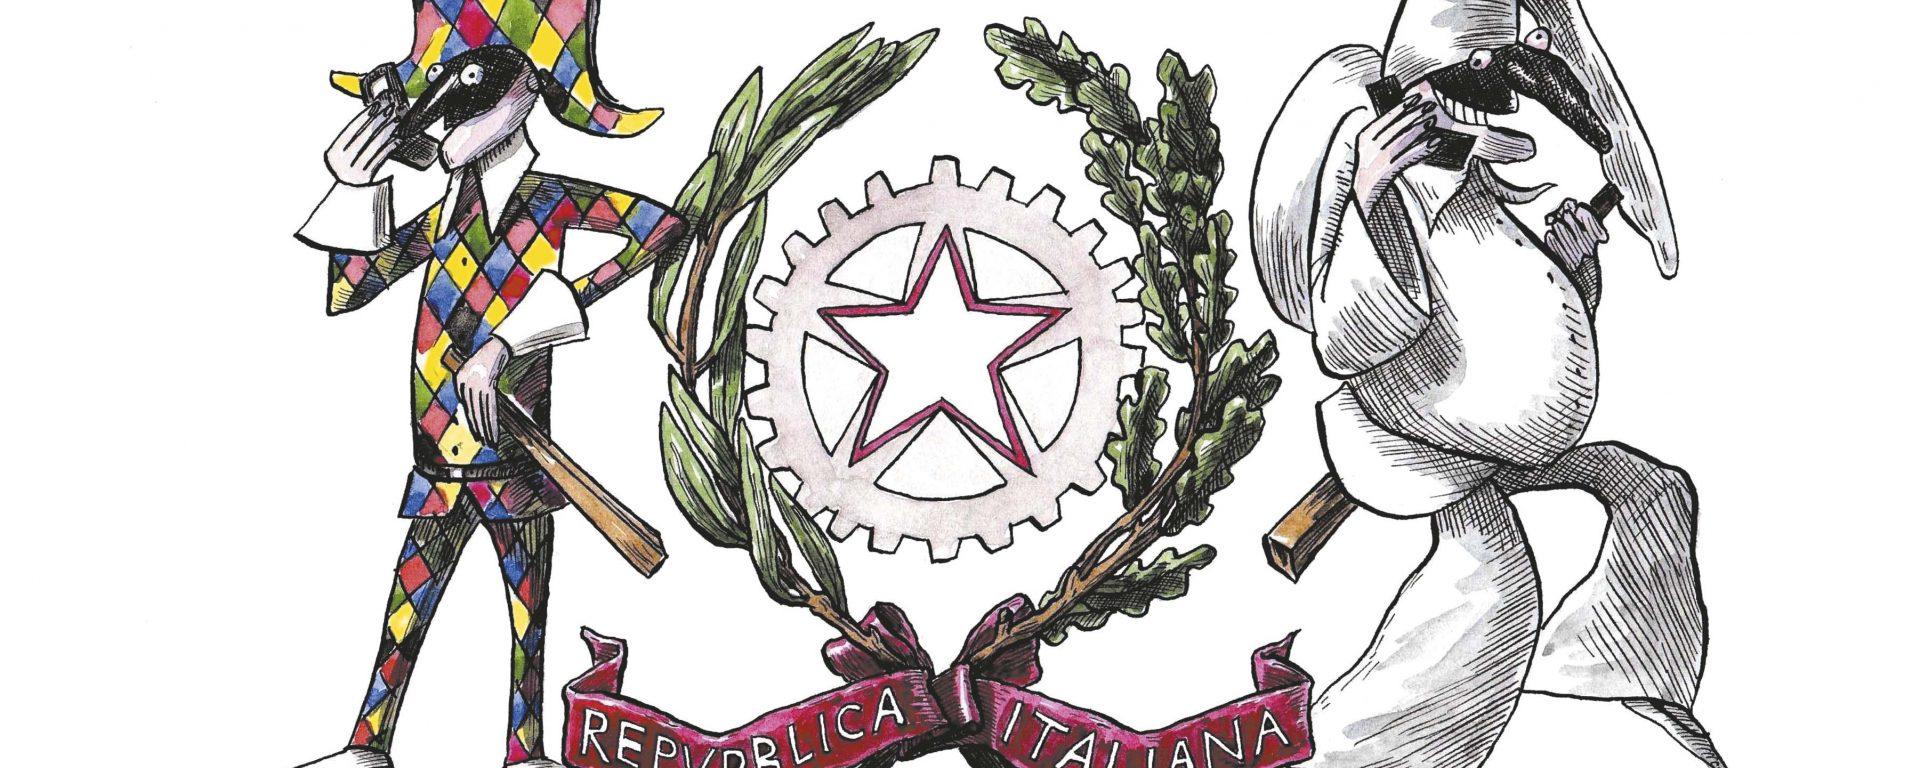 Anni 70 Colori la costituzione a colori, a 70 anni dalla promulgazione